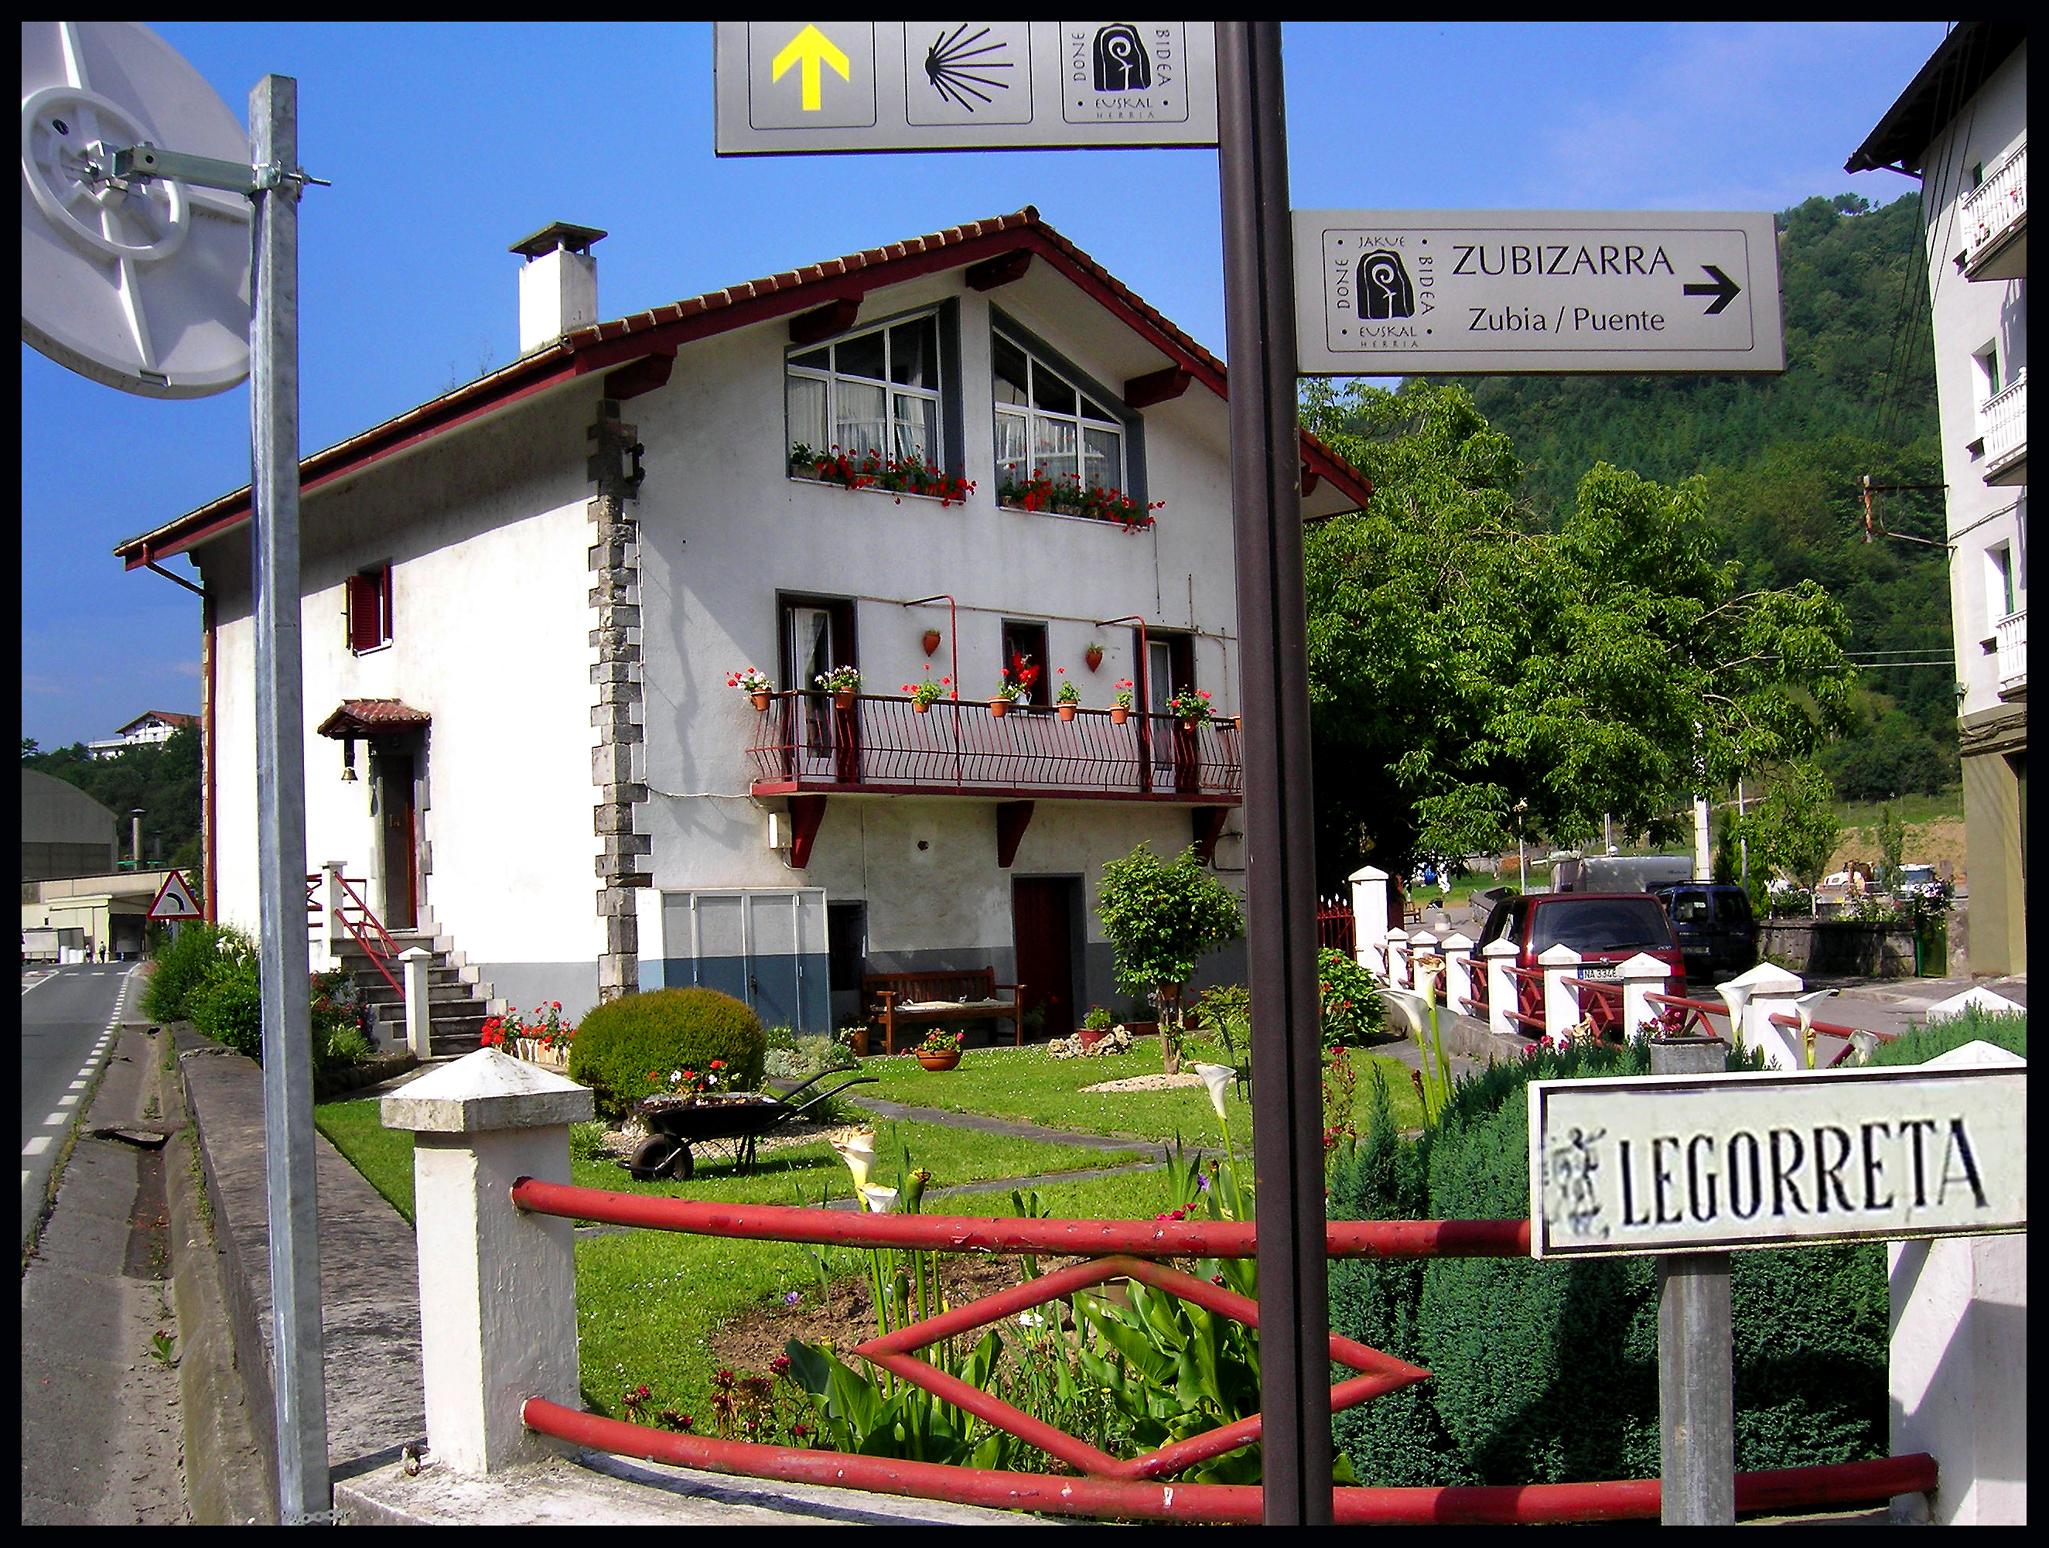 Legorreta (Guipúzcoa) - Qué visitar en el País Vasco